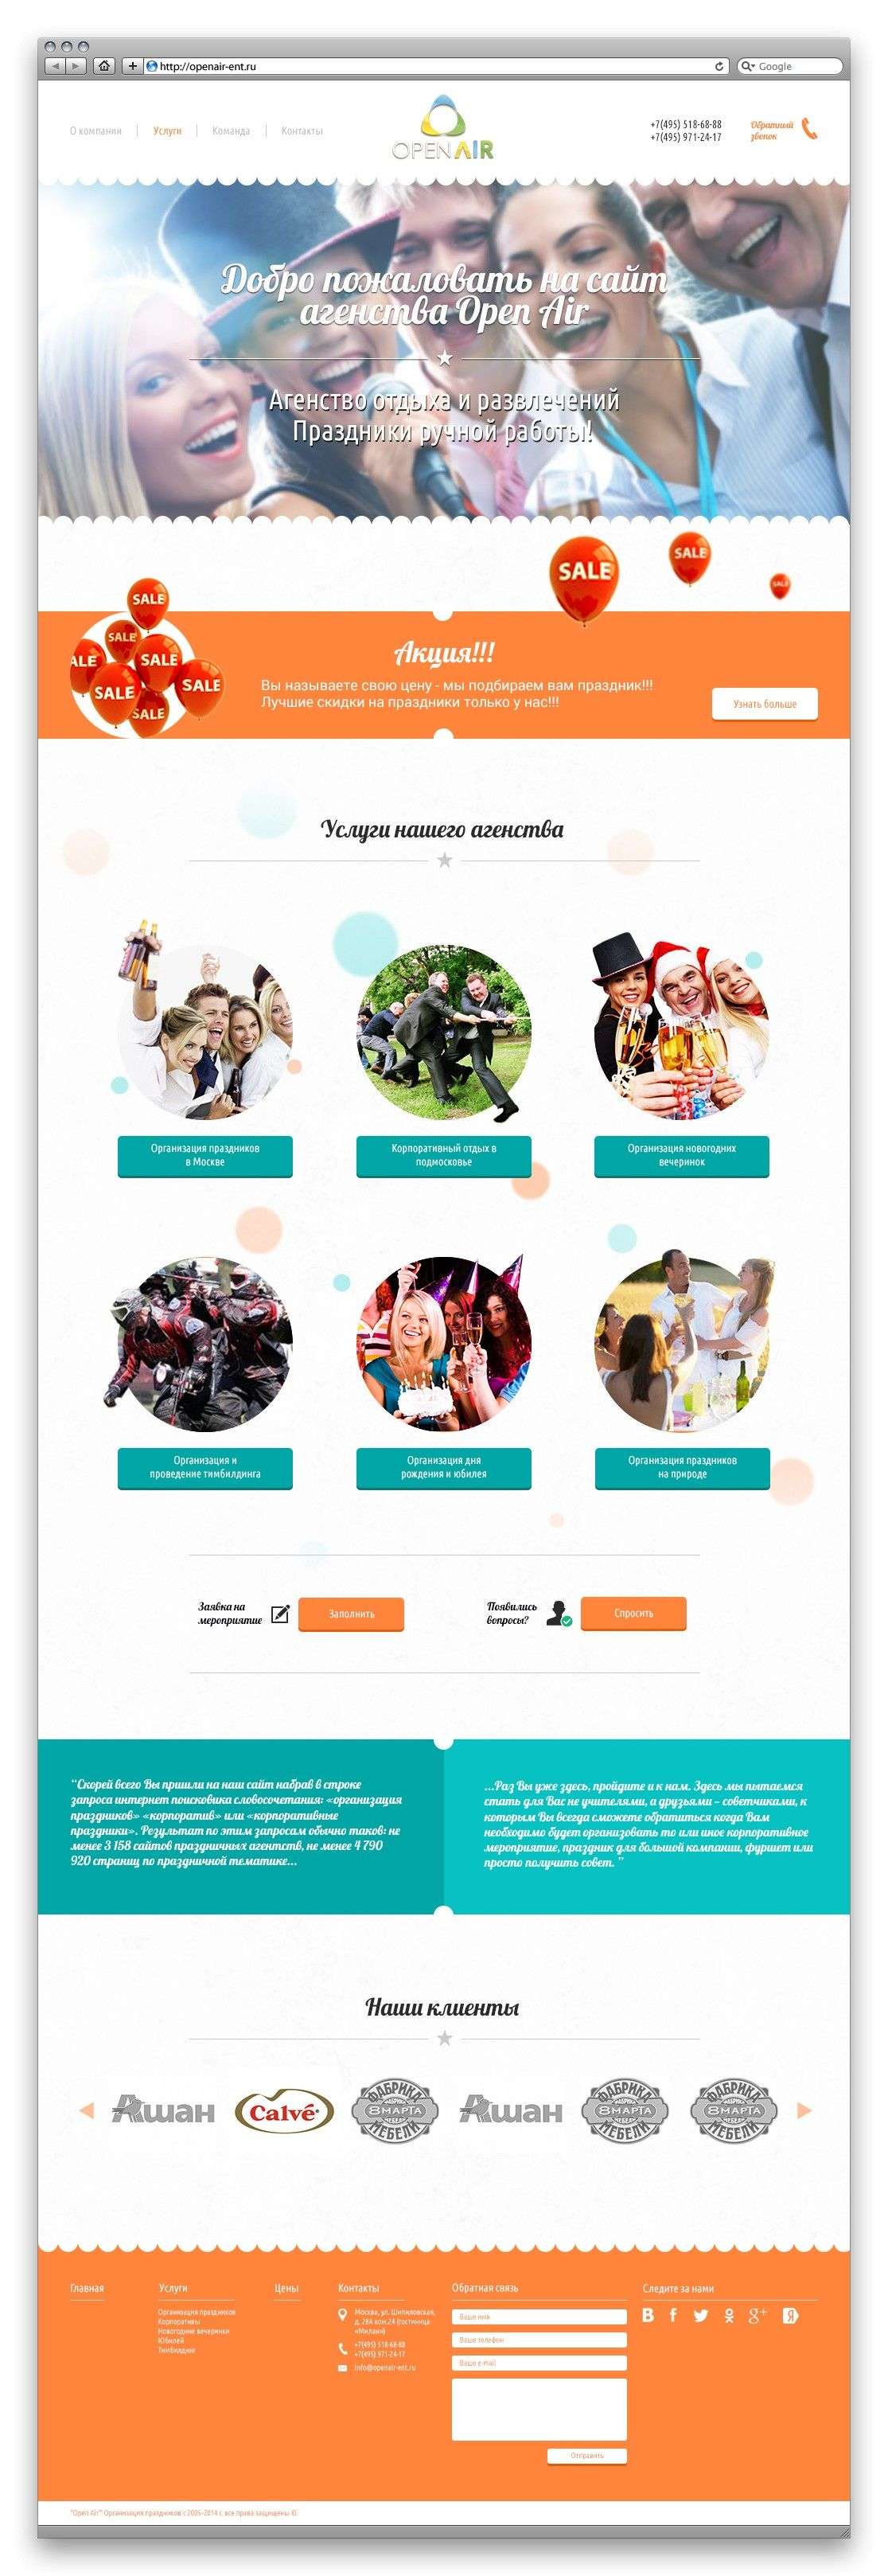 Сайт - организация праздников - дизайнер Tanya_Kremen